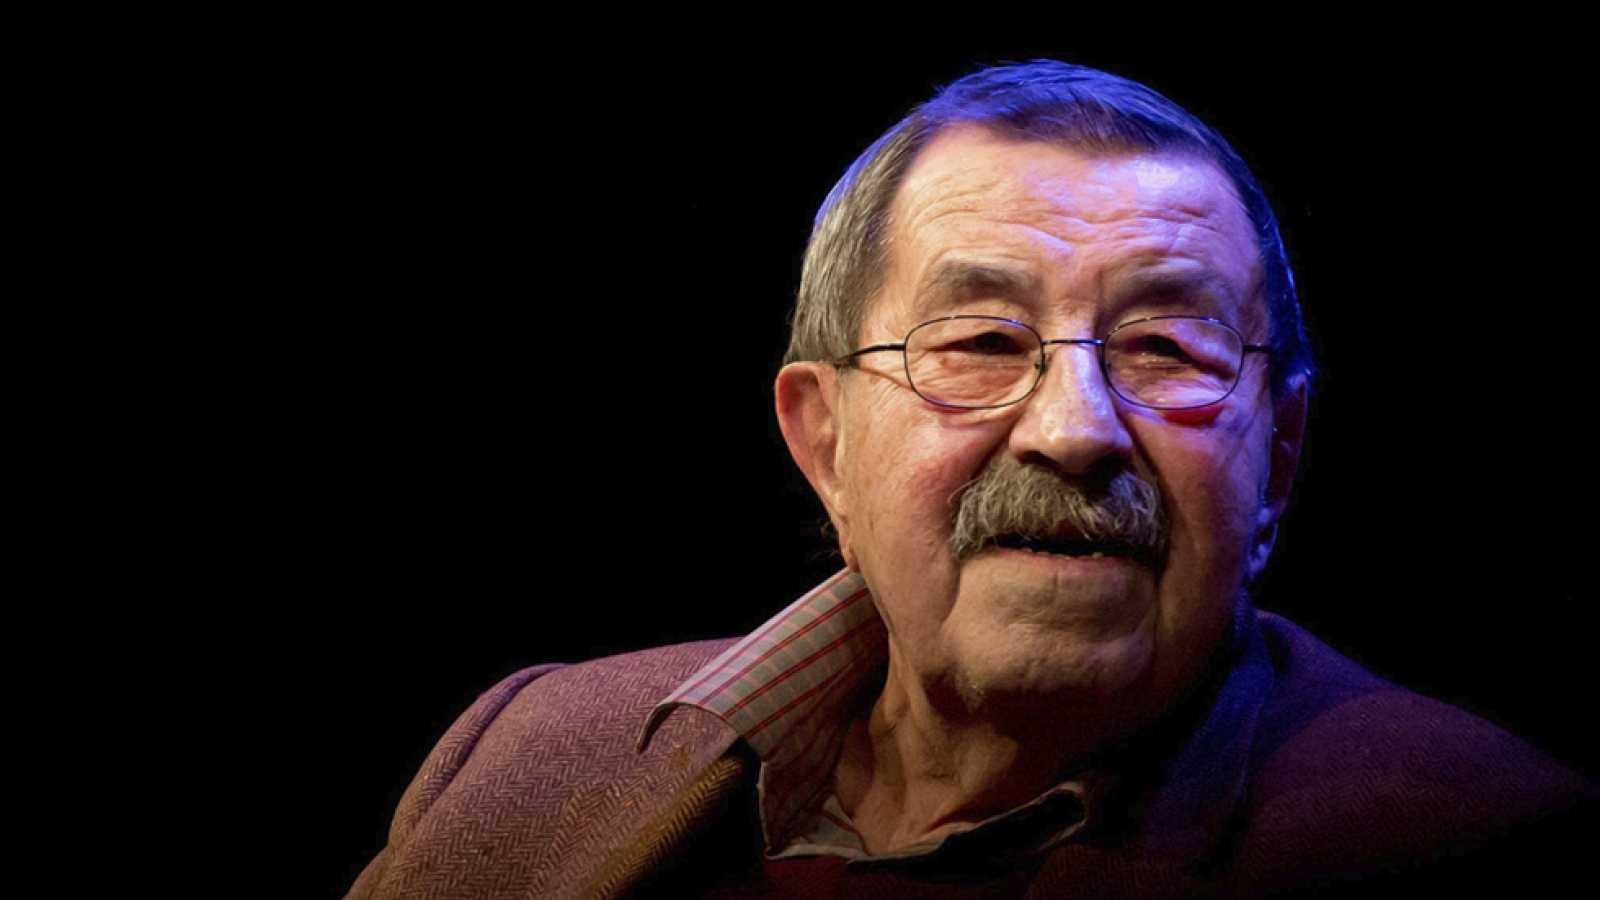 Muere Gunter Grass, autor de \'El tambor de hojalata\' - RTVE.es